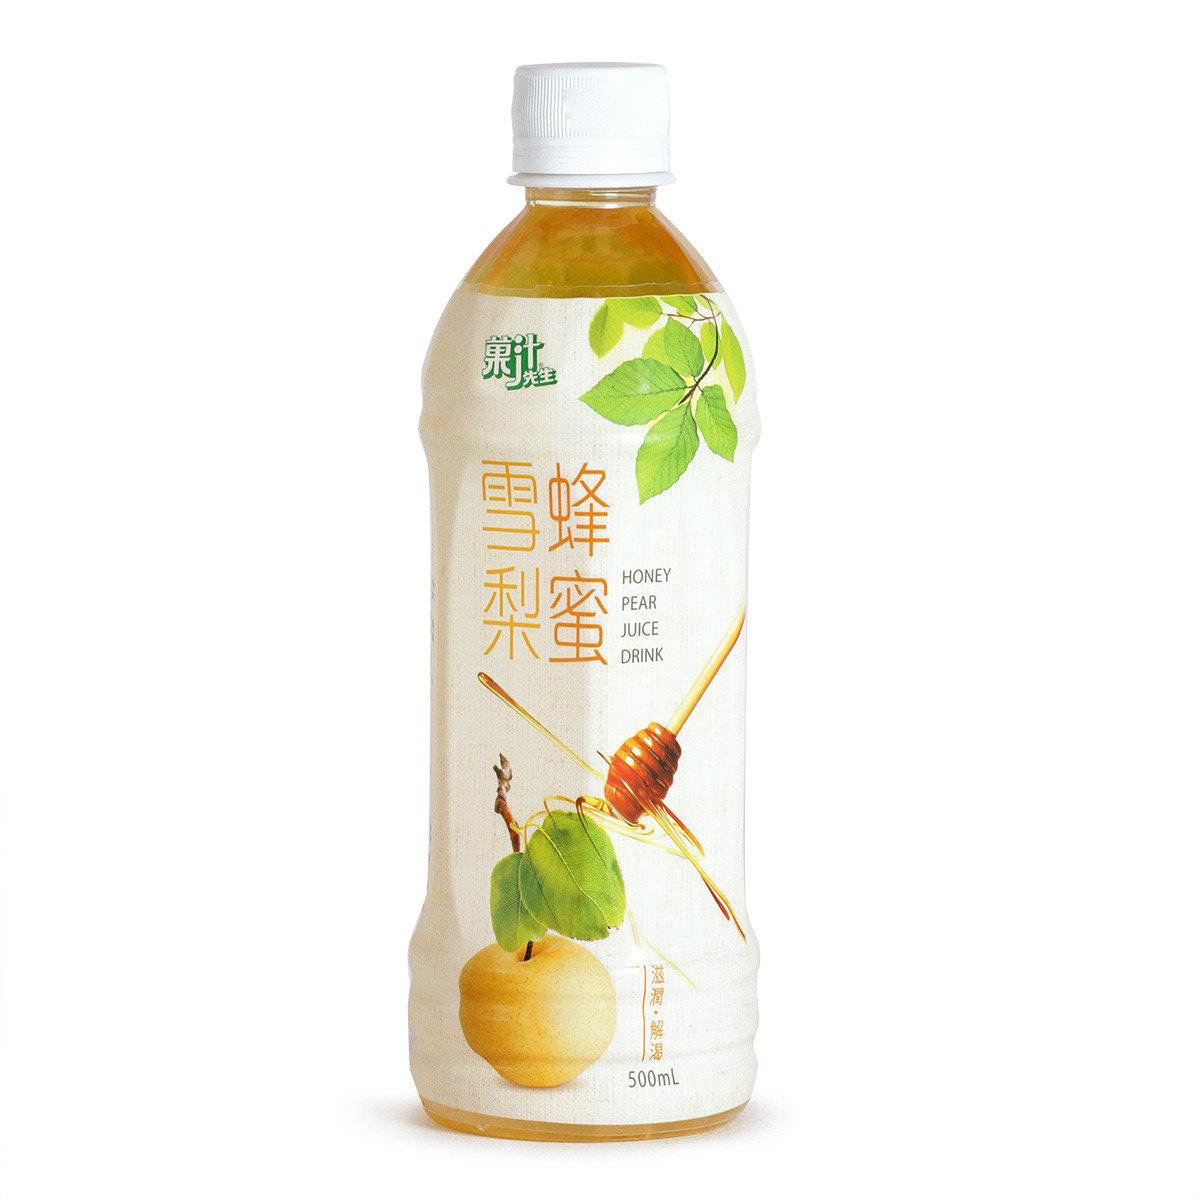 蜂蜜雪梨果汁飲品(賞味期限 : 29/03/2017)